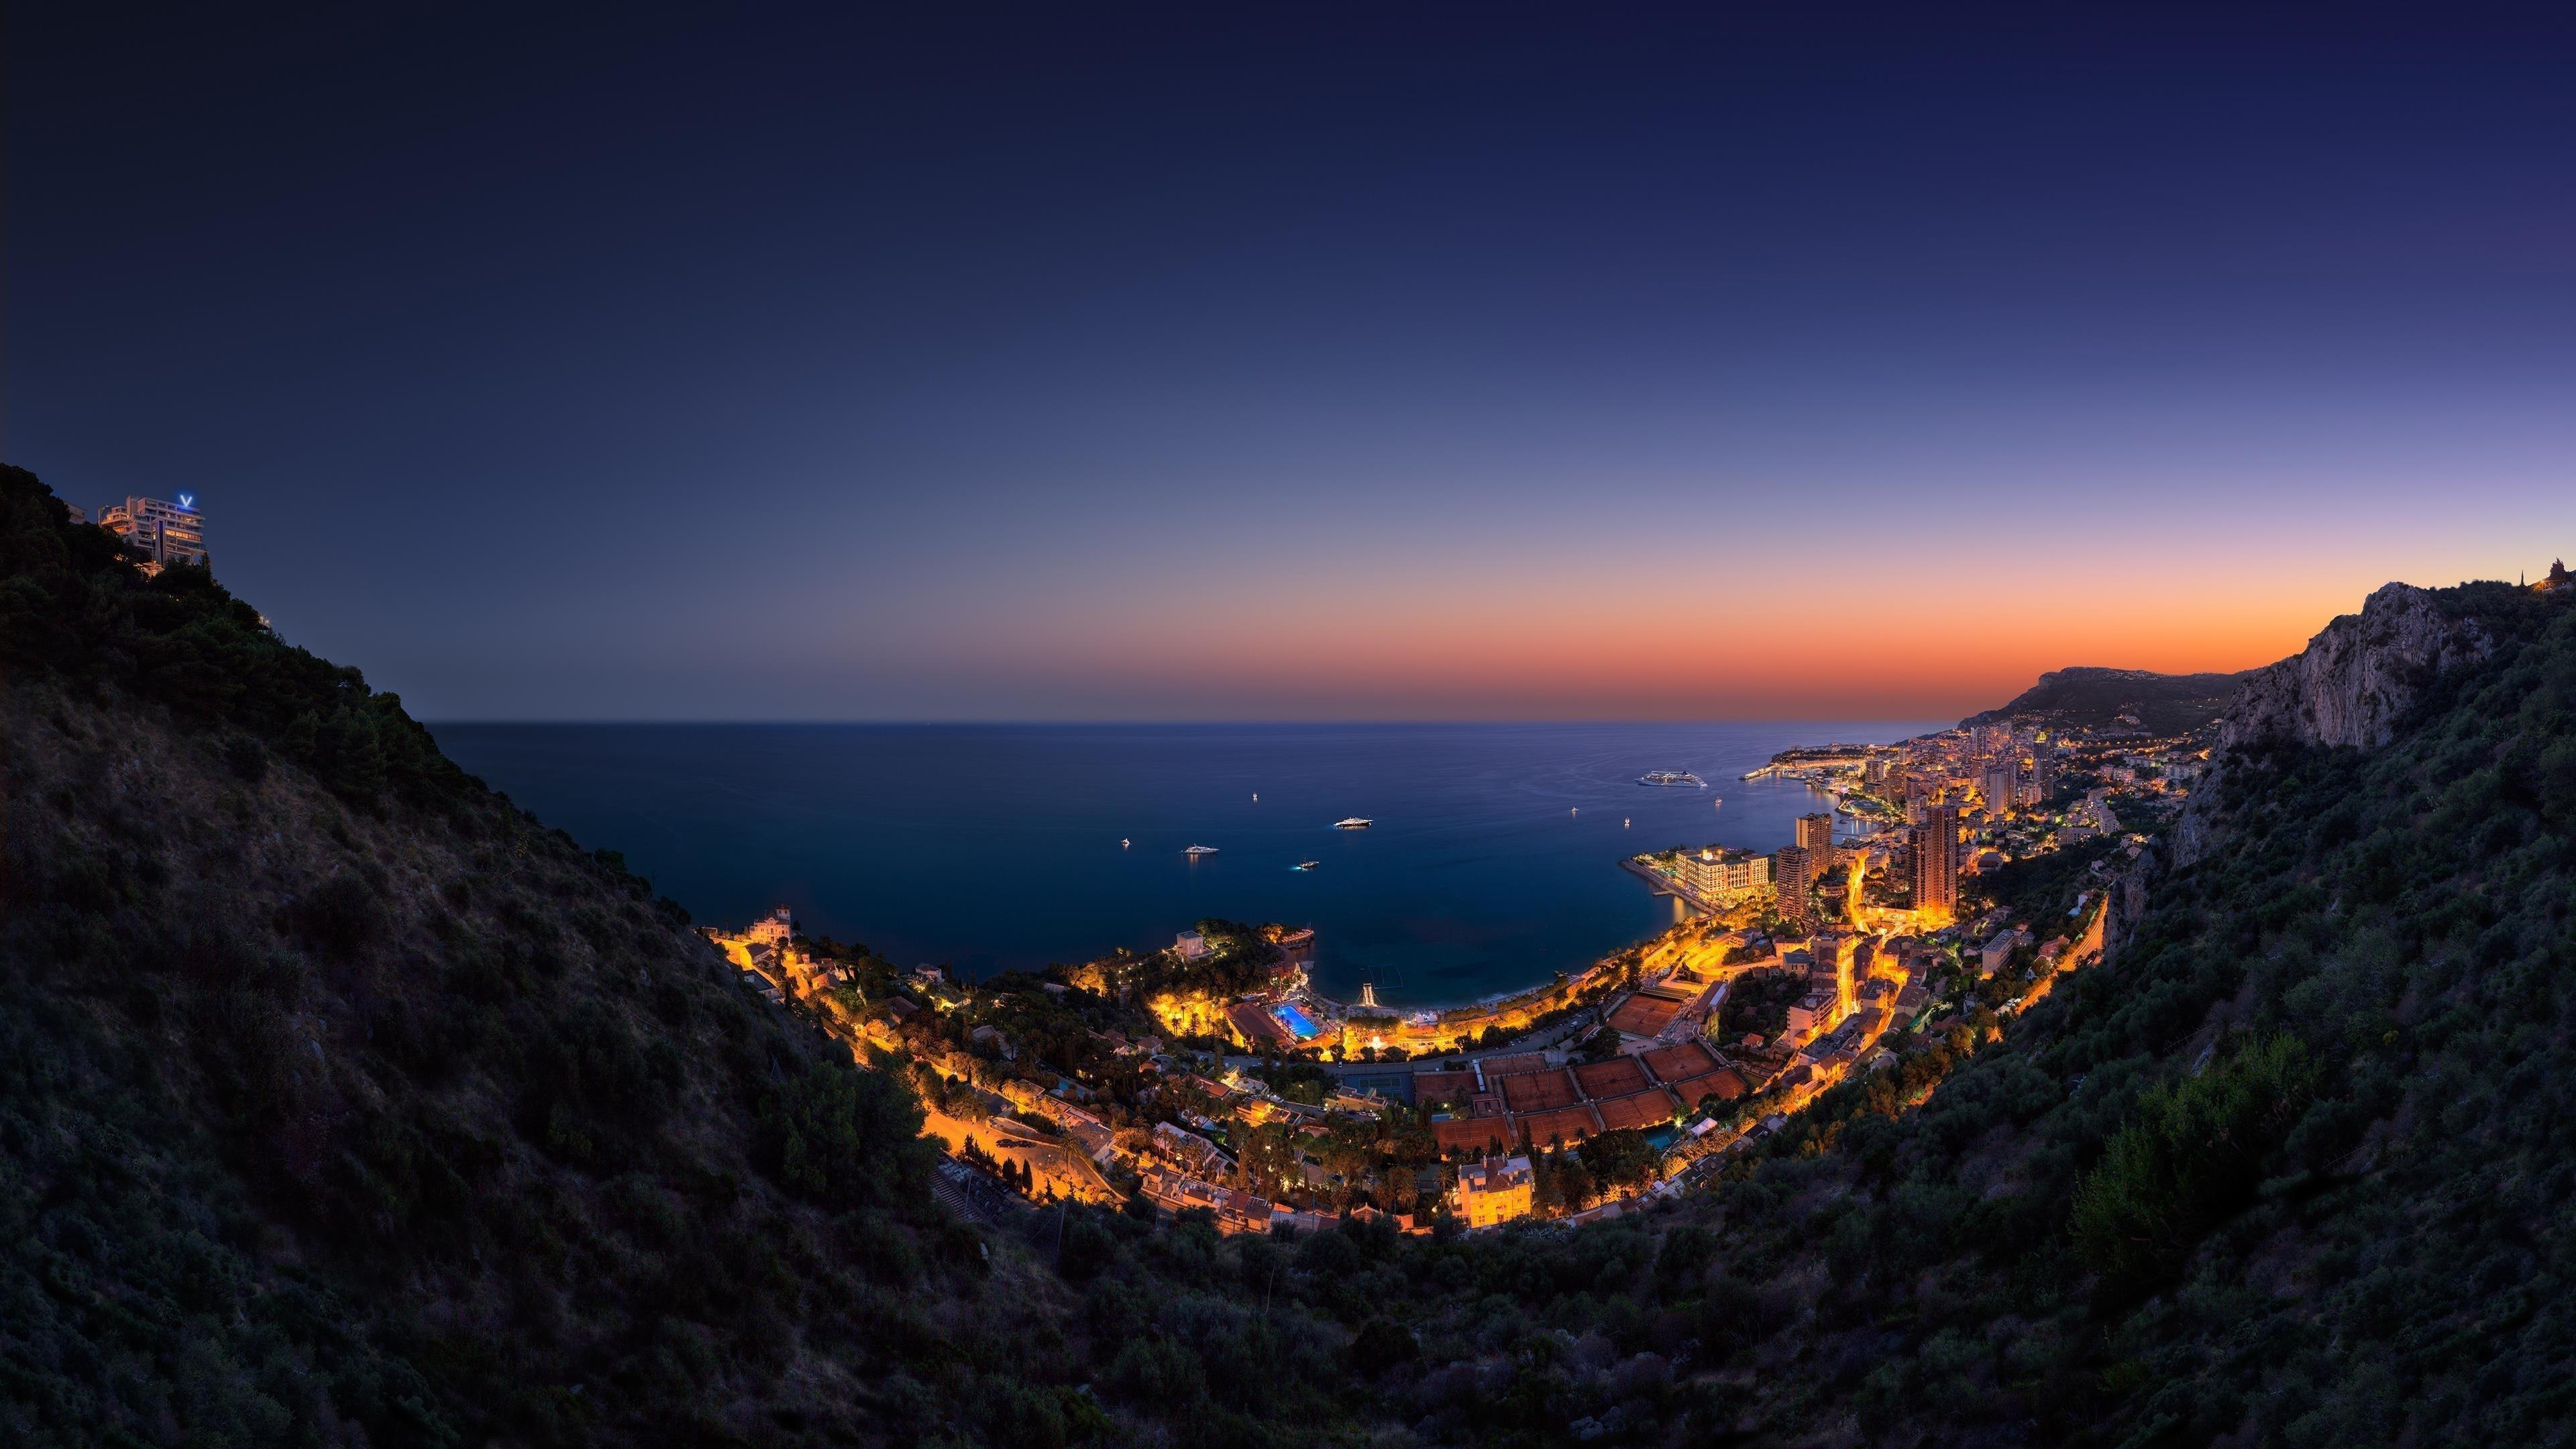 Монако ночь городской пейзаж панорама обои скачать